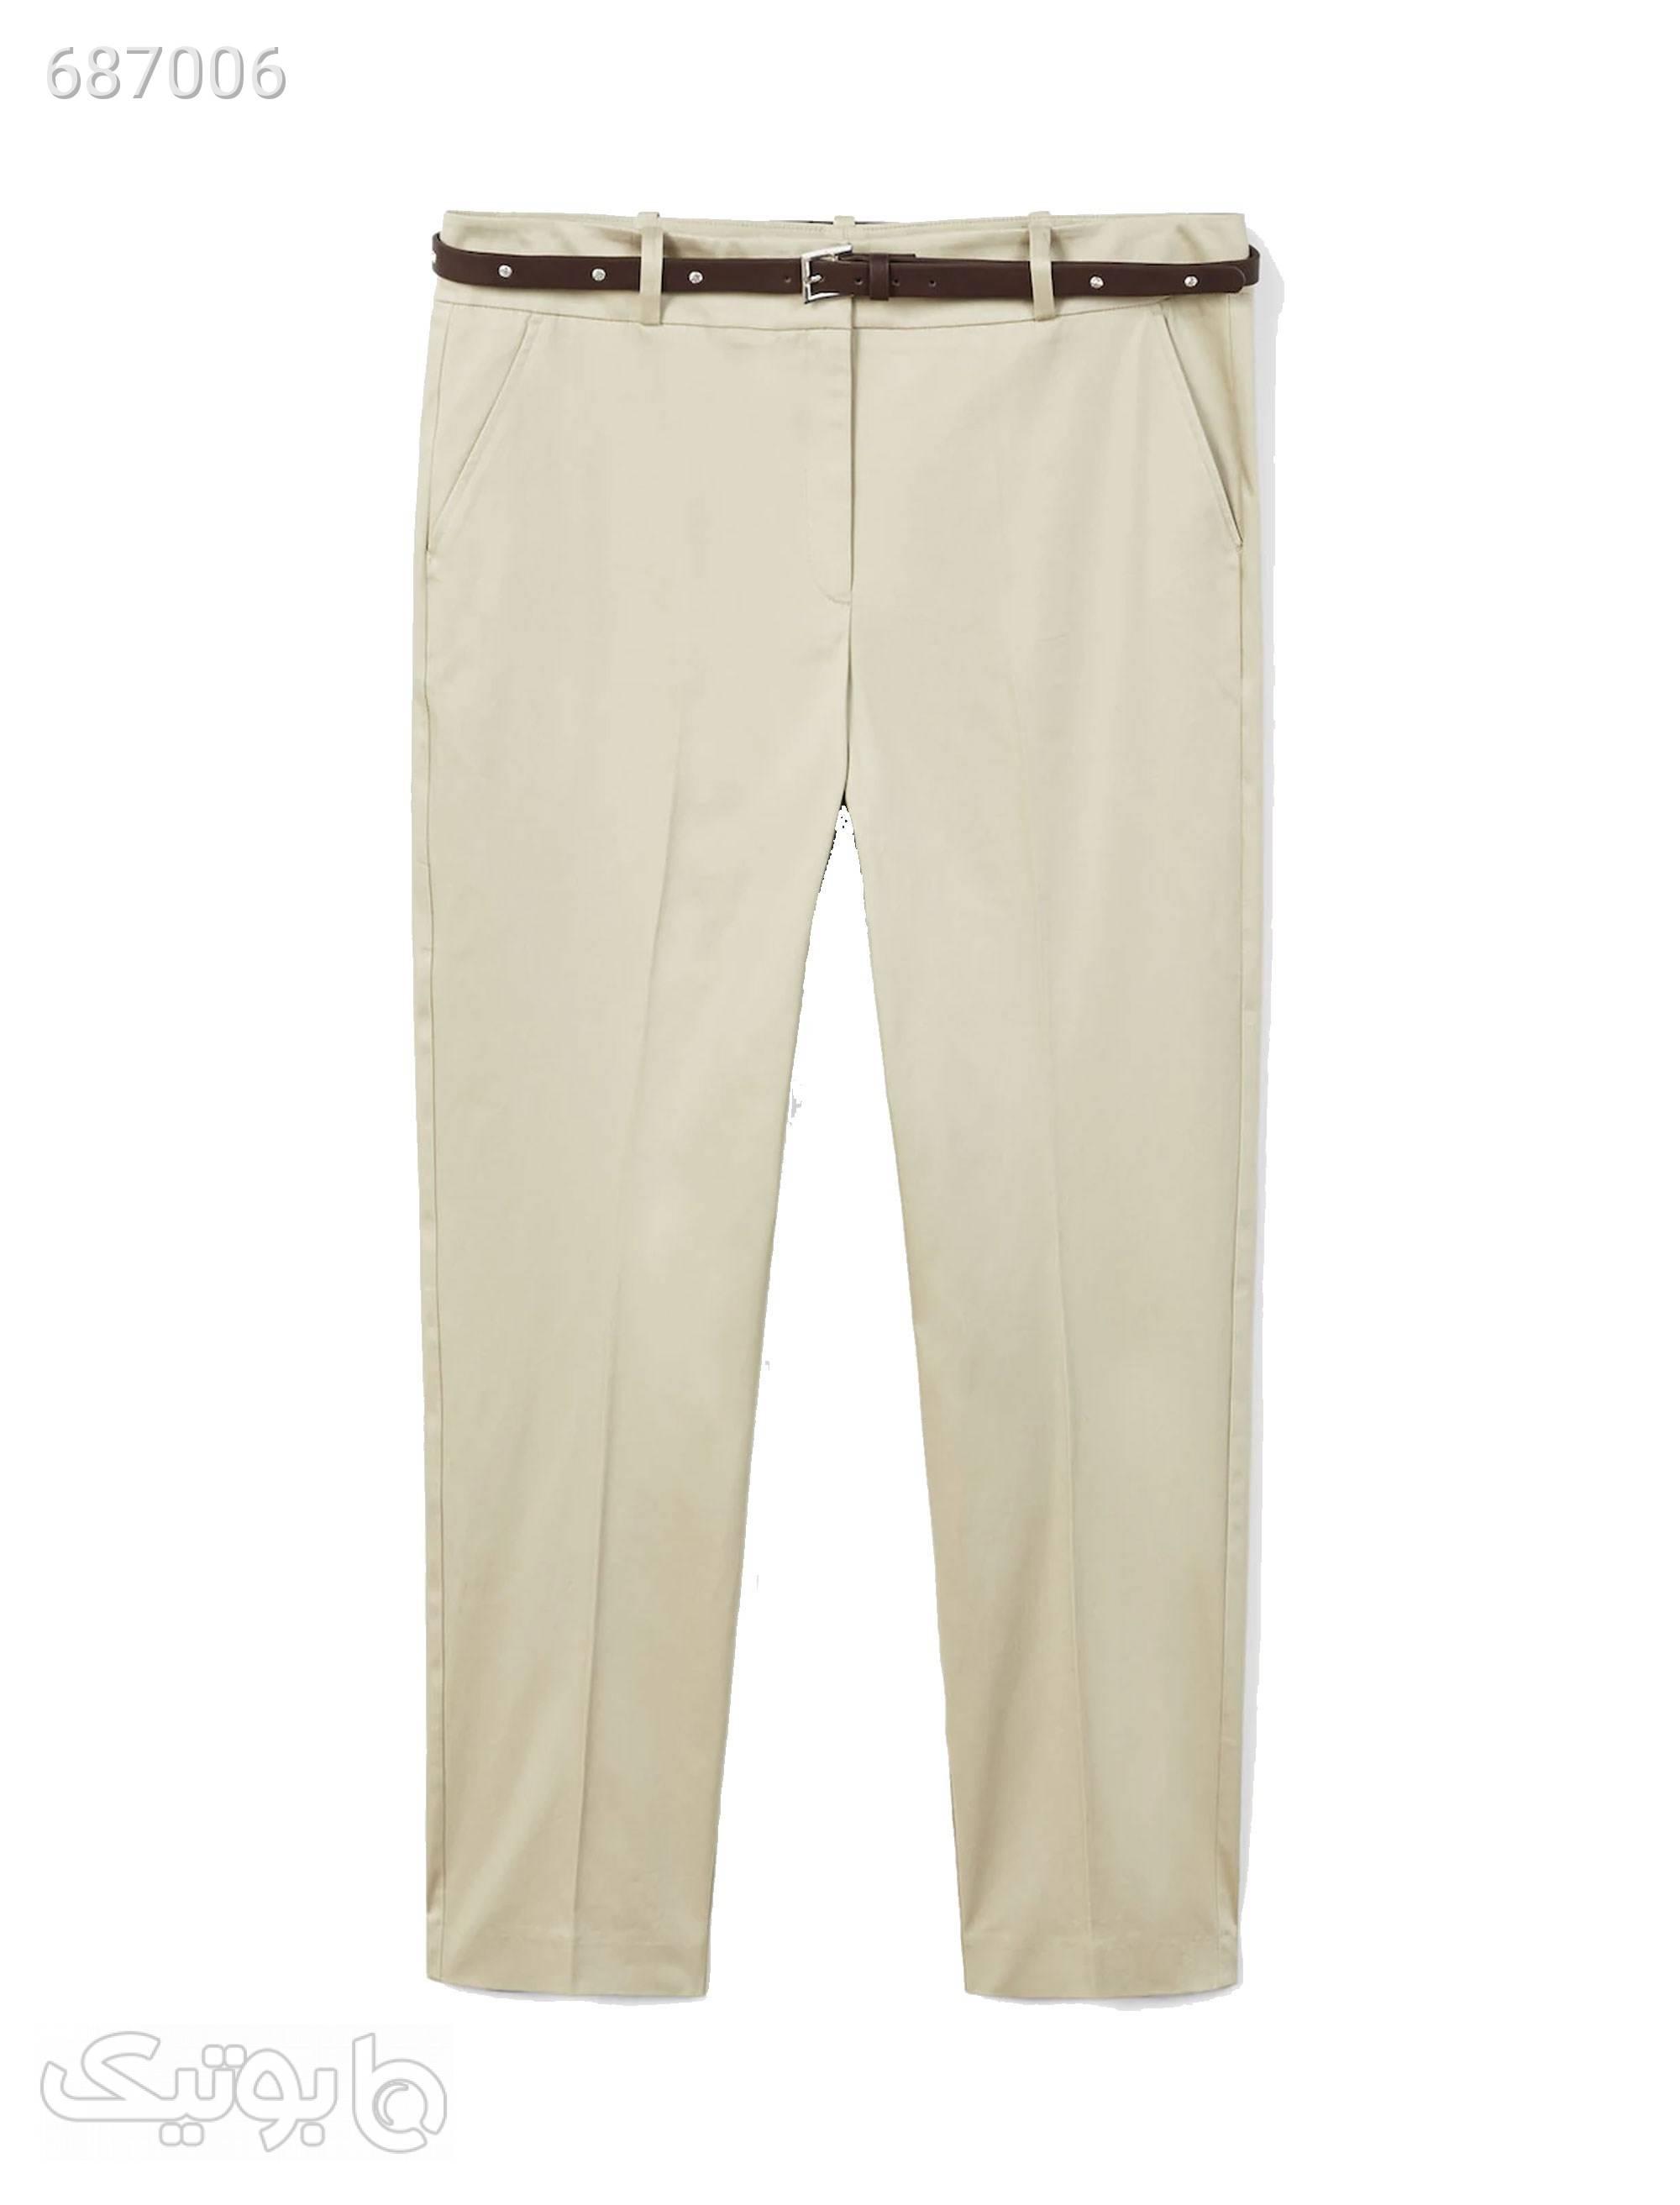 شلوار زنانه ویولتا بای مانگو کد 21043593 سفید شلوار پارچه ای و کتانی زنانه